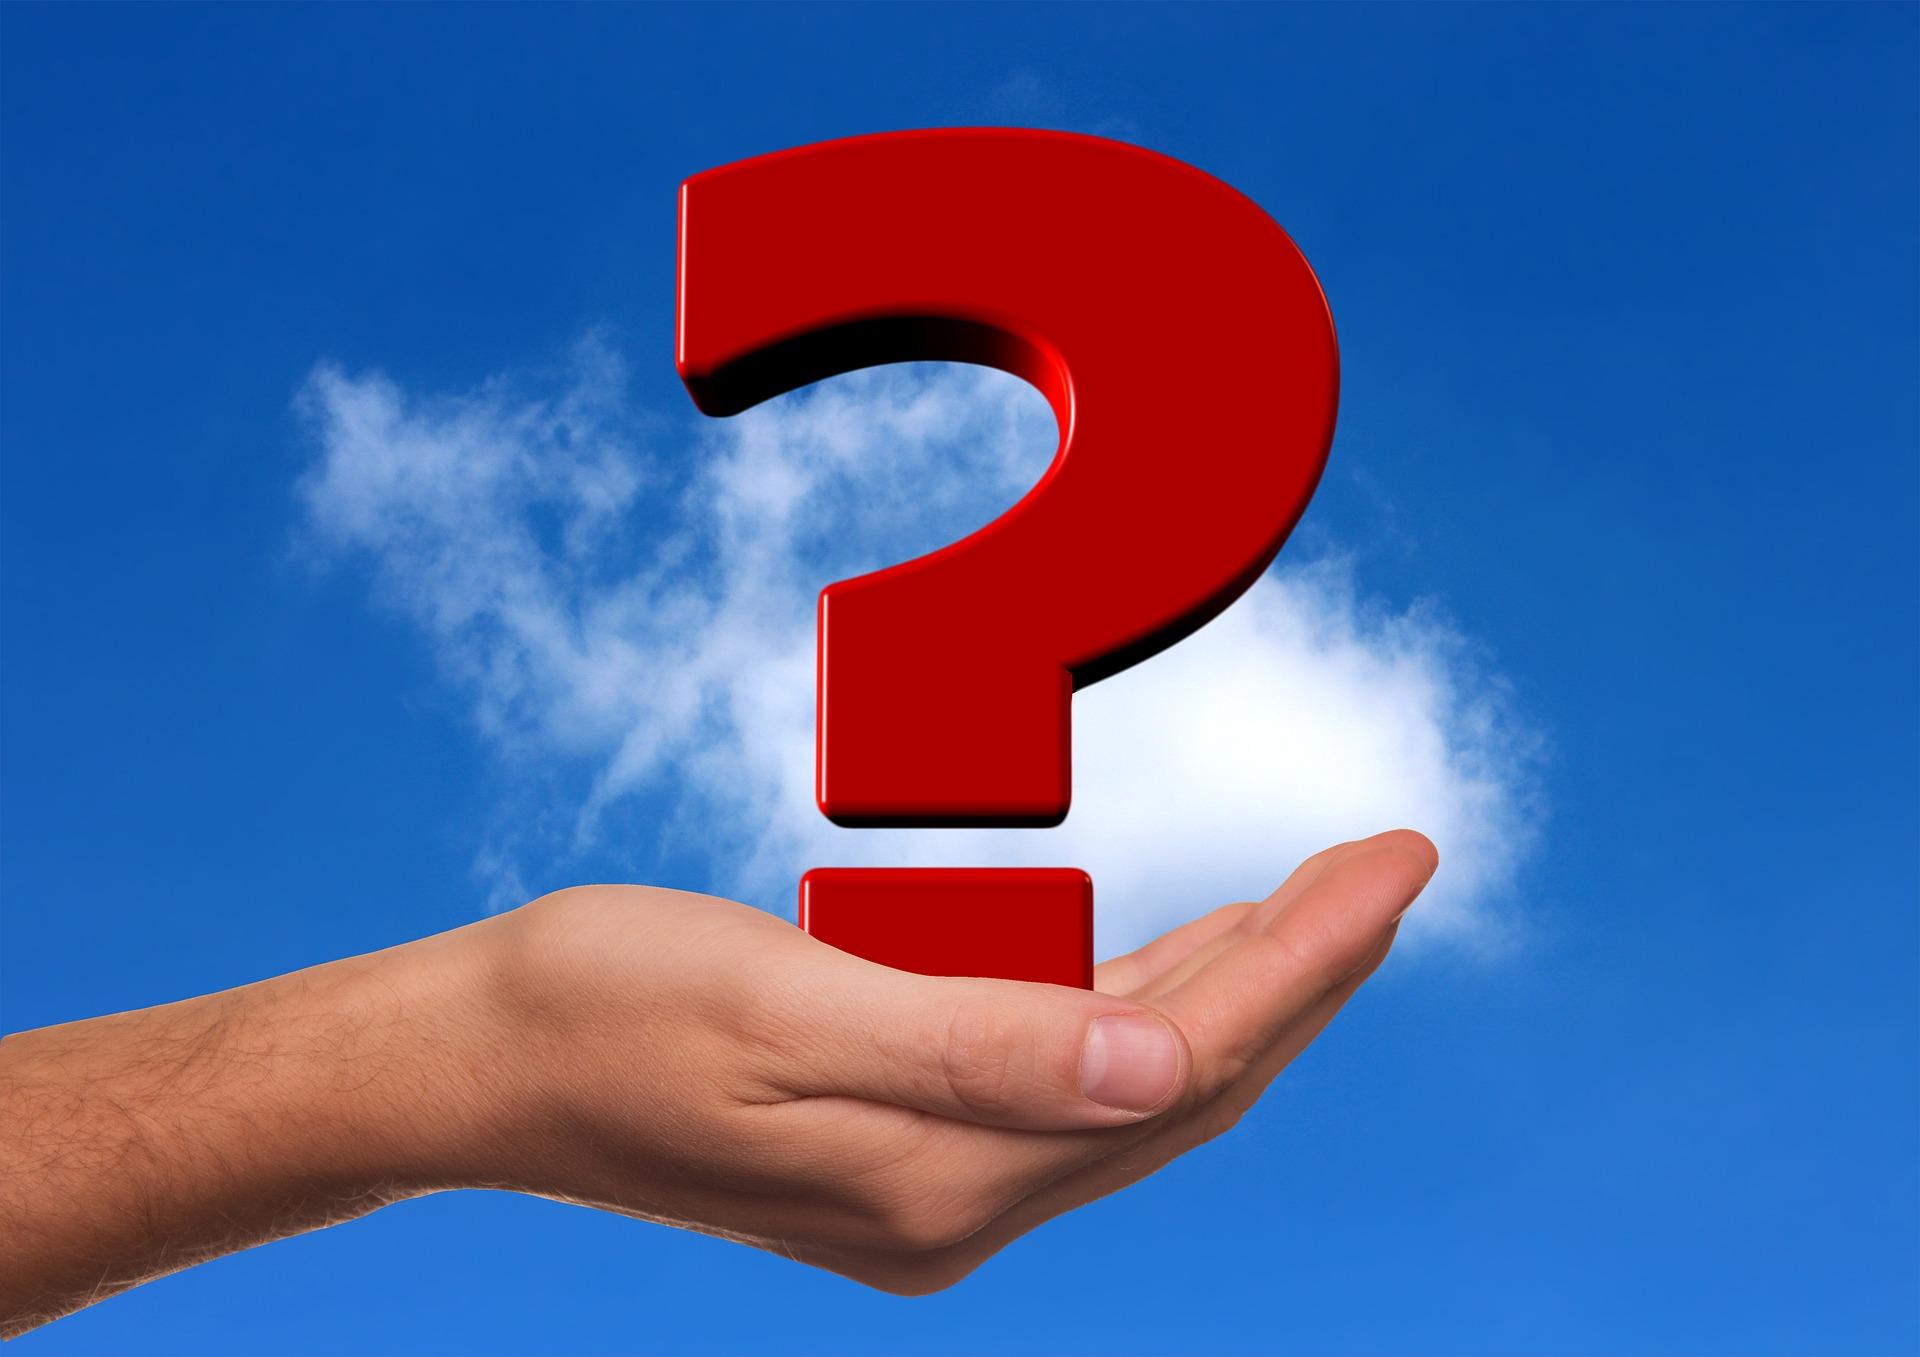 Aktuálne otázky a odpovede k respirátorom